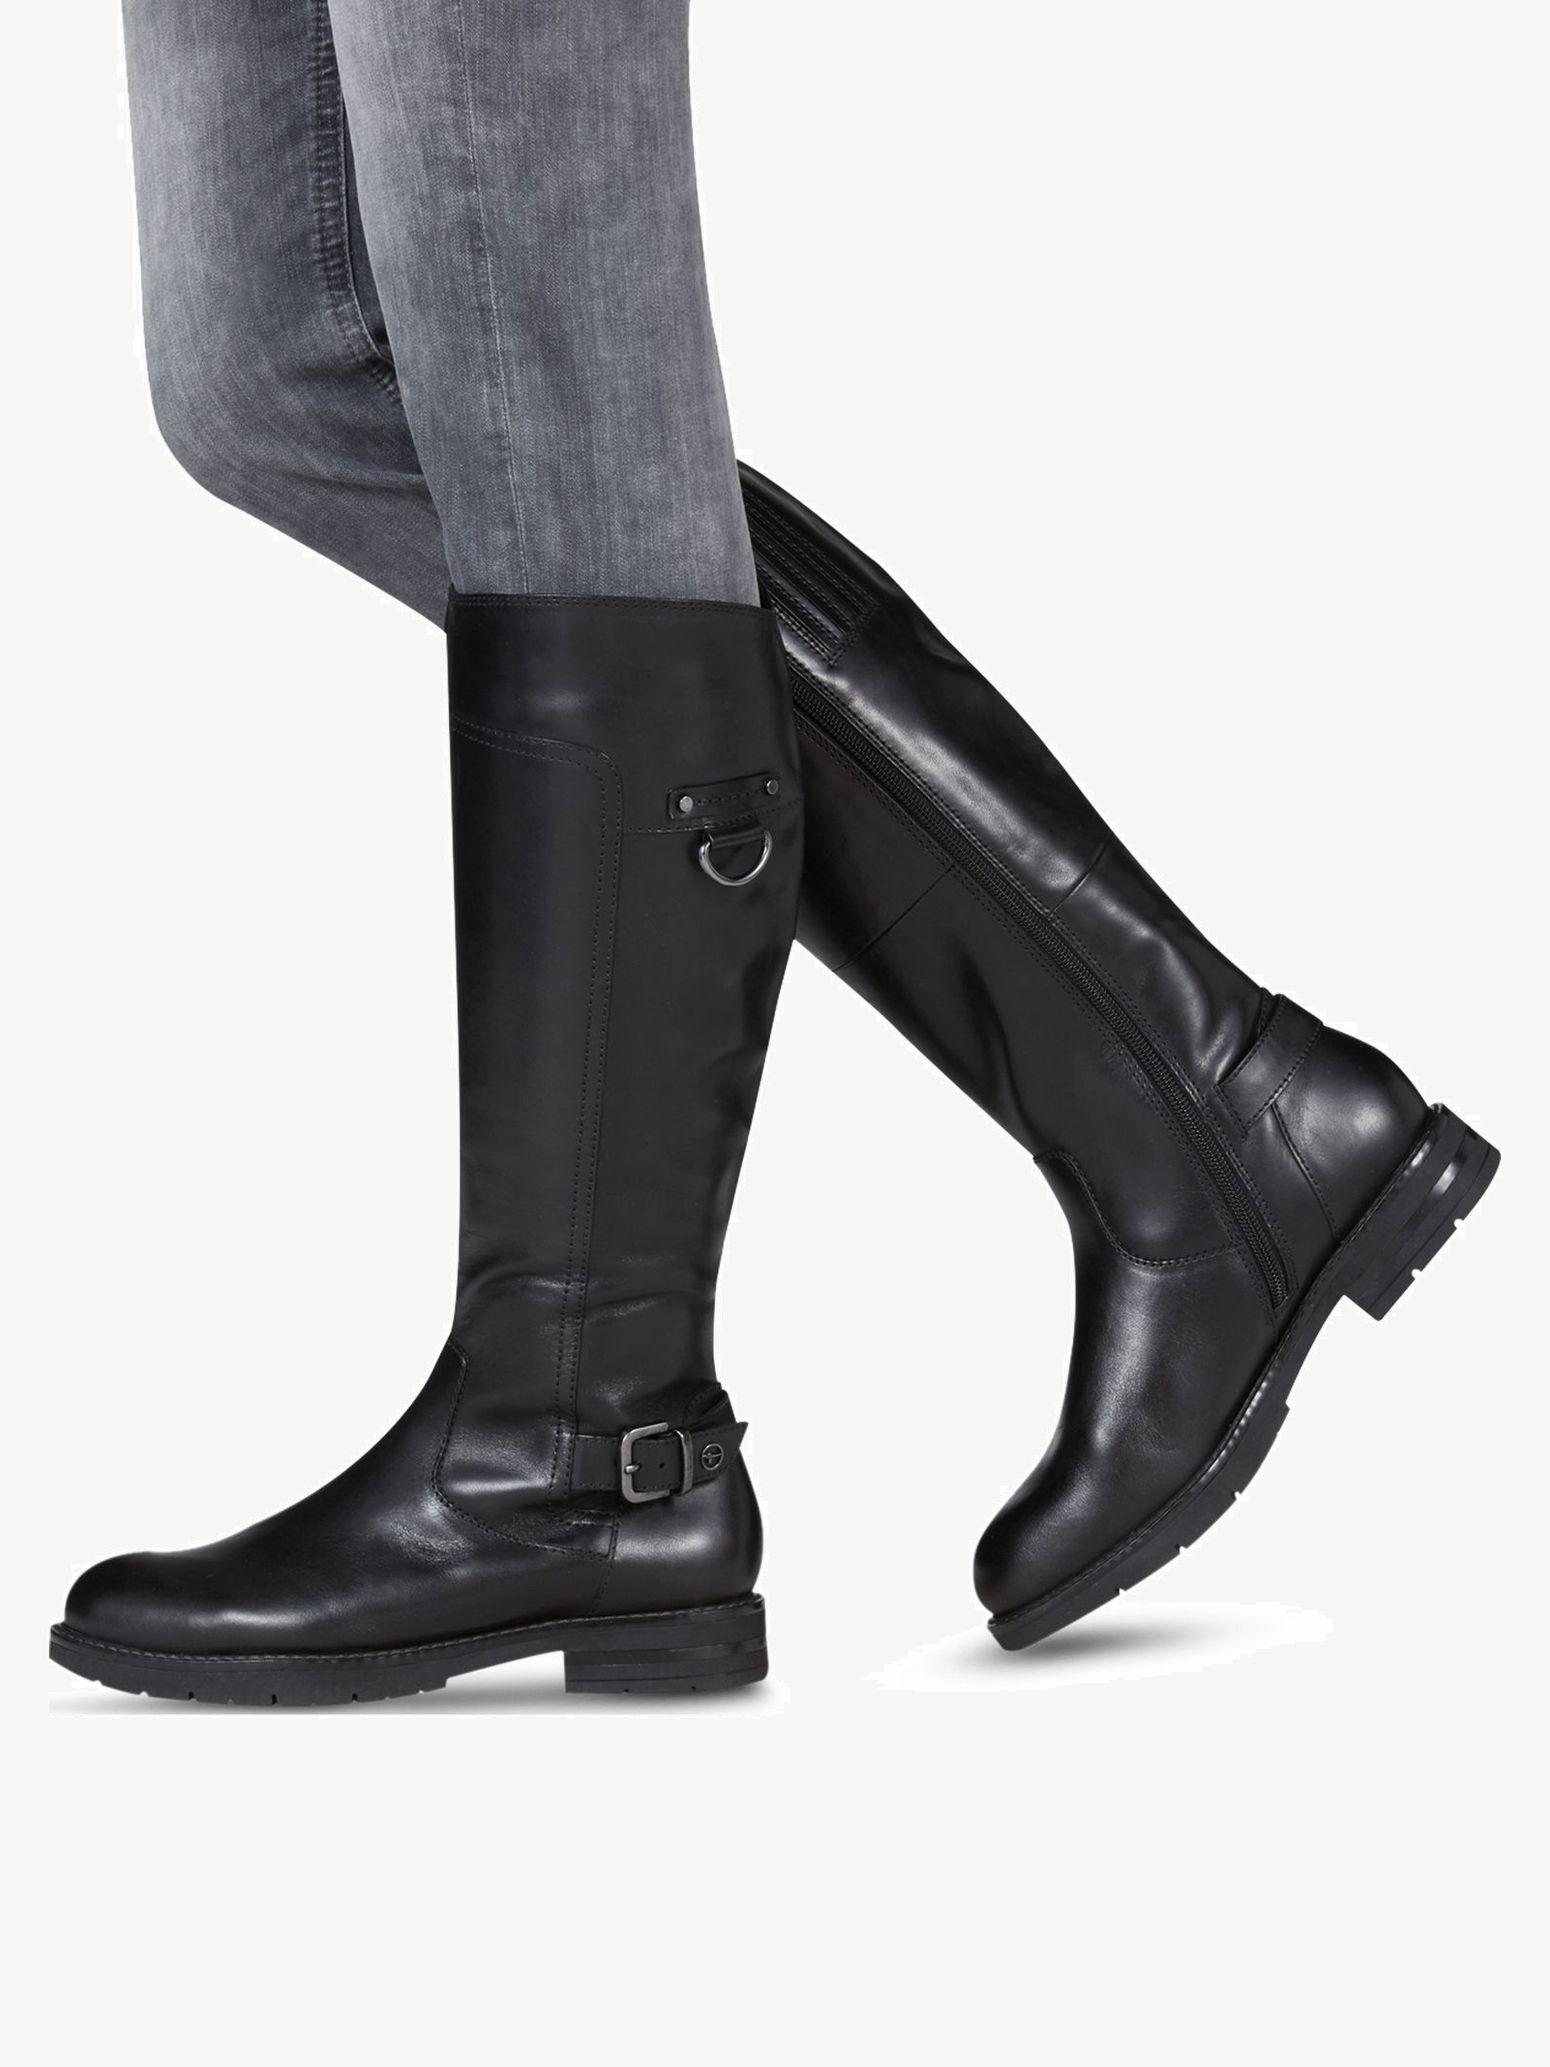 Kaufen Für Tamaris Stiefel Damen Damenschuhe Online qcjL4A35R